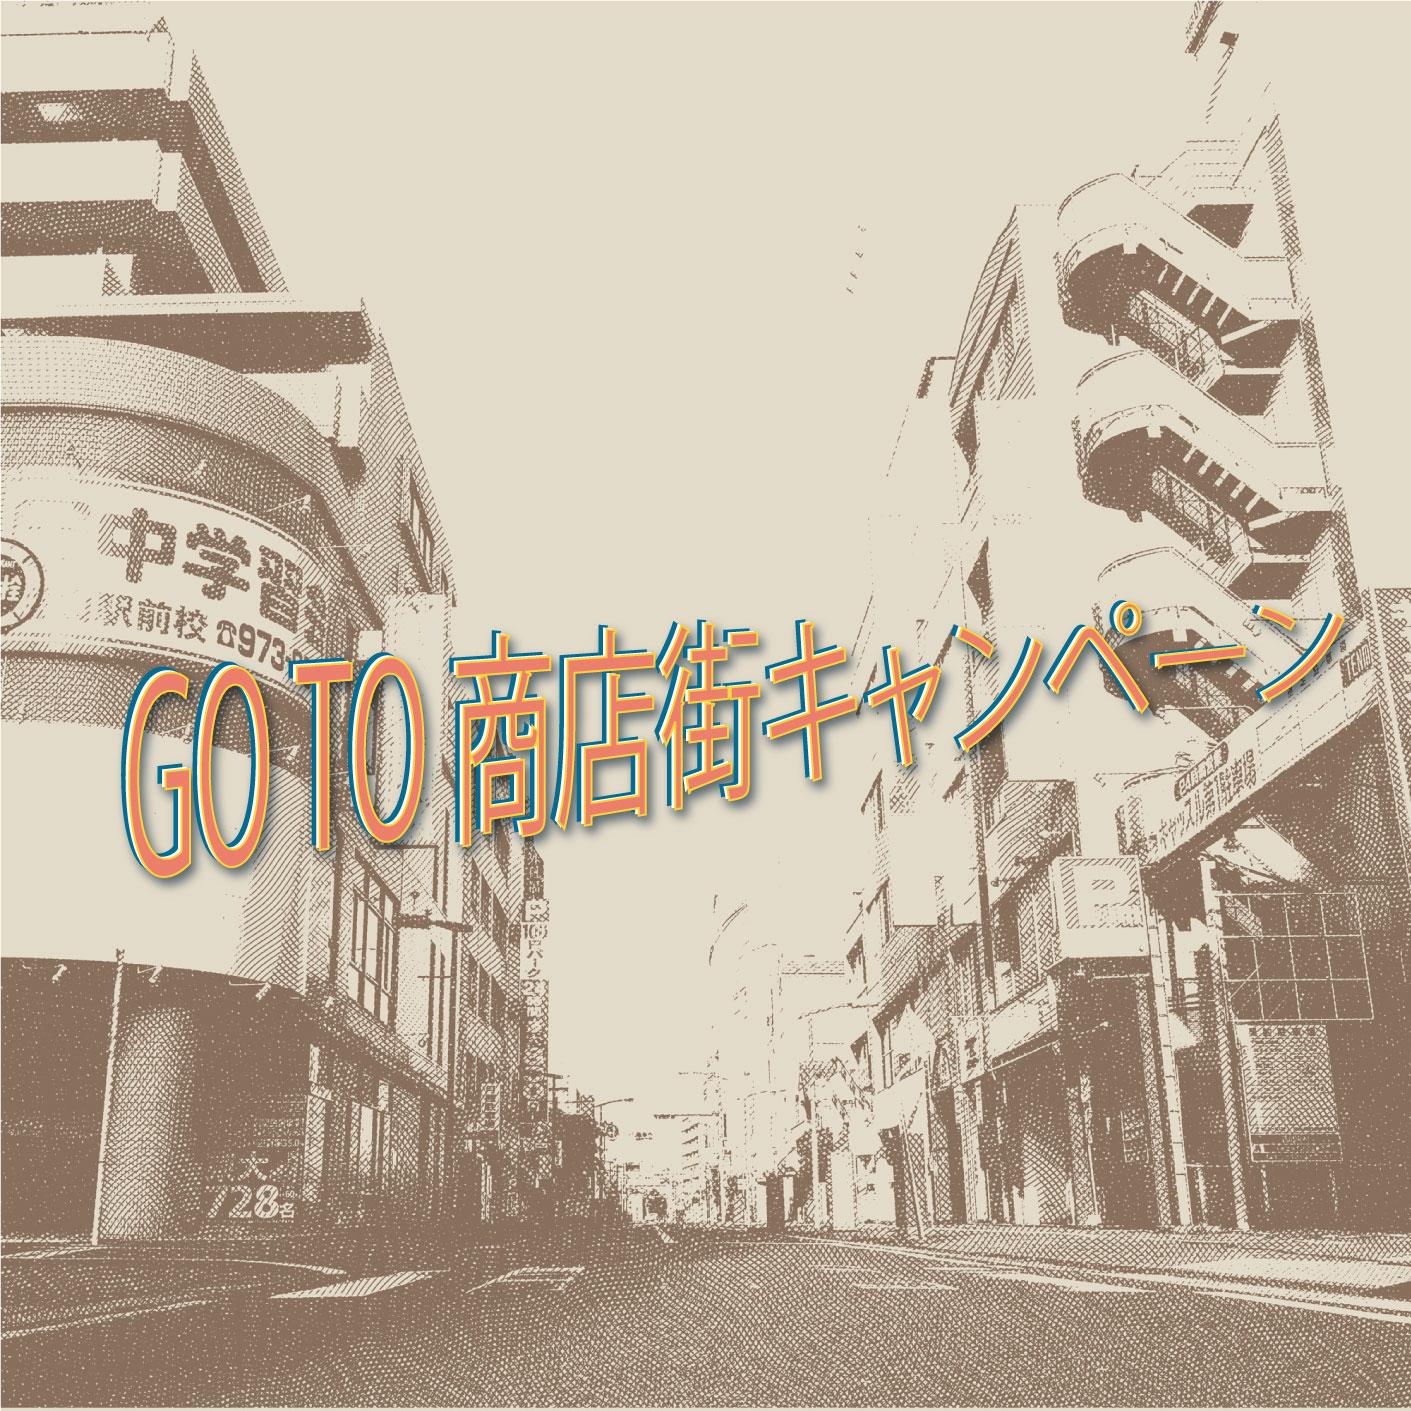 商店 Go 街 キャンペーン to